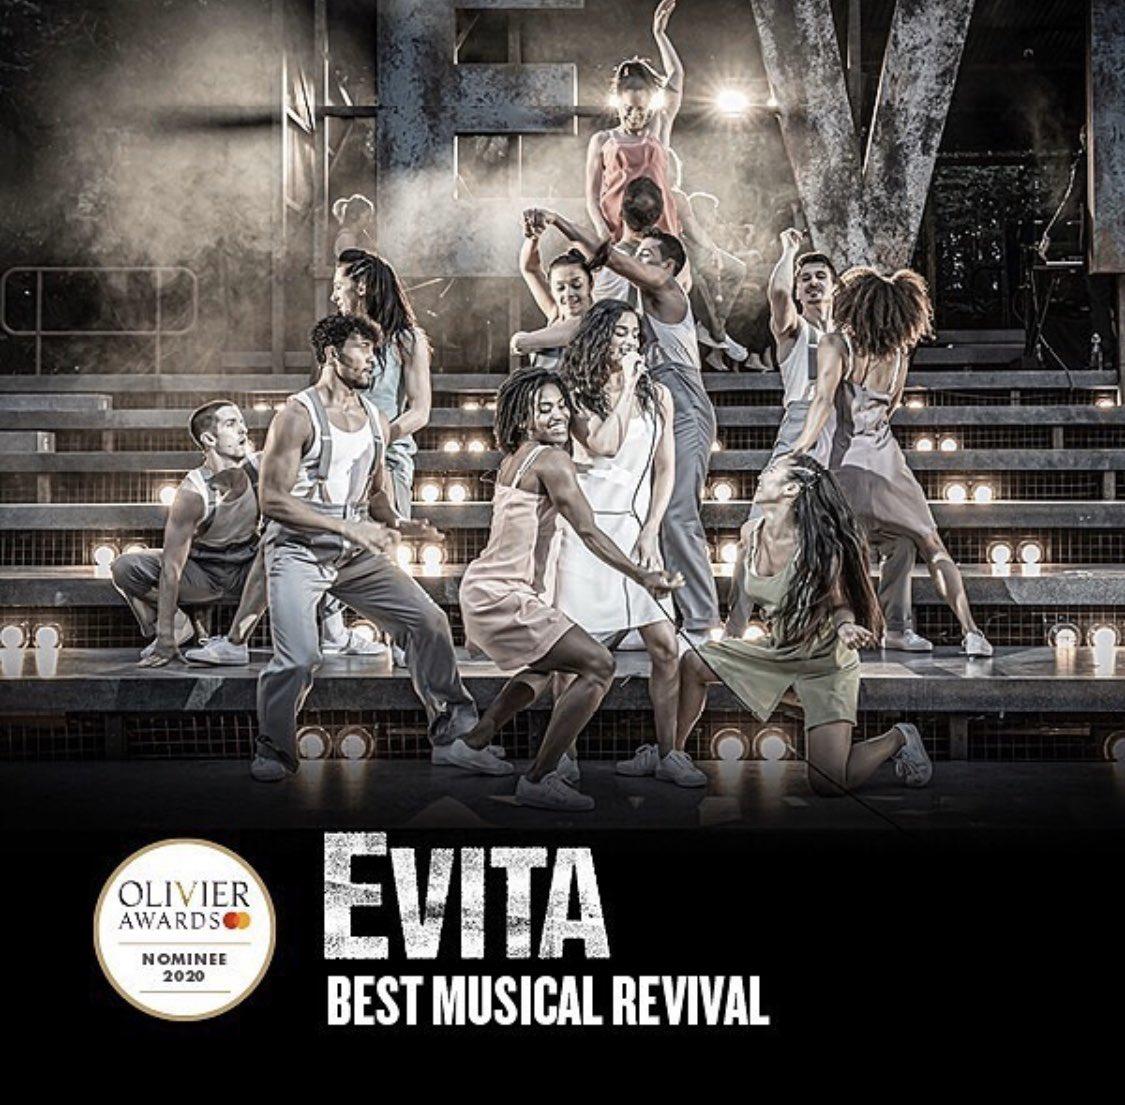 Grandes noticias para EVITA! Tenemos dos nominaciones a los Olivier Awards, los premios más prestigiosos del teatro en Inglaterra! #MejorMusical #MejorCoreografía creada por @fabianaloise 🎉🙌🏽🍾 @LloydJamie @OpenAirTheatre